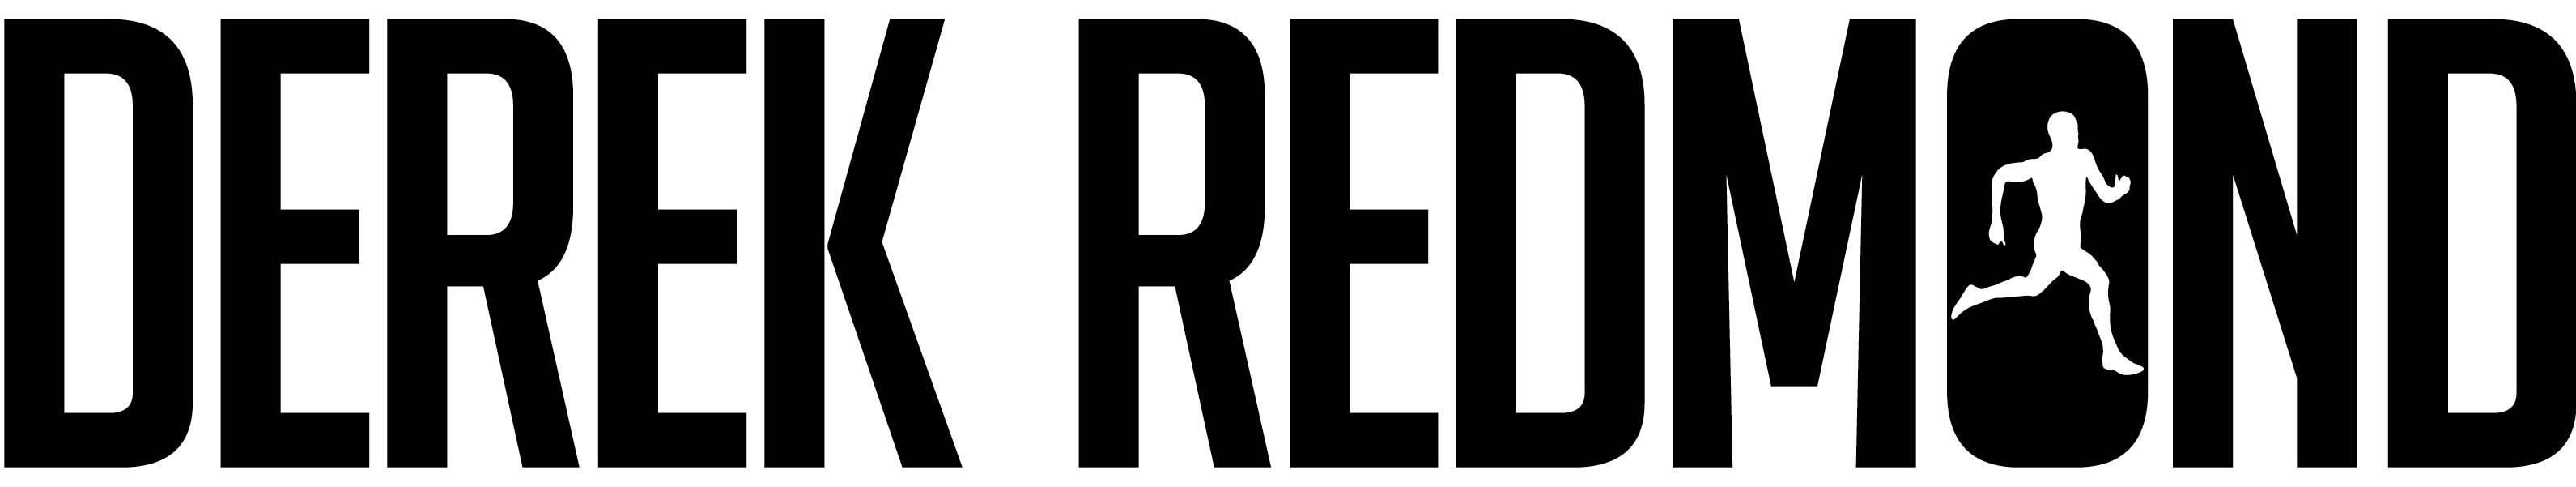 derek redmond logo